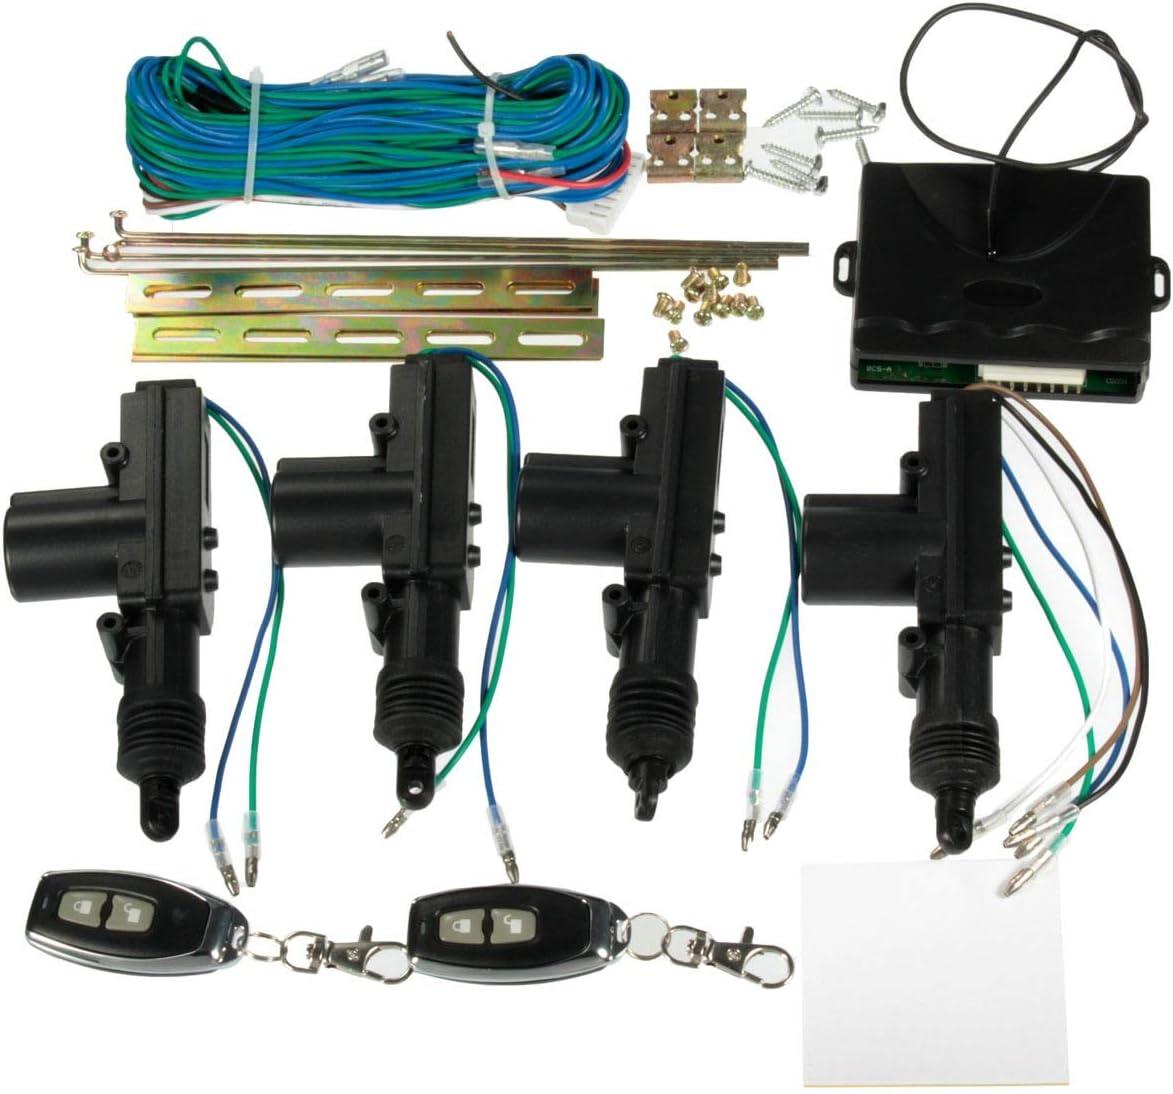 Alarma Coche Universal Atuo Car 2 puertas o 4 puertas Cerradura central de bloqueo Kit de sistema de entrada sin llave + 2 teclas remotas FOB Cierre Centralizado Universal Coche